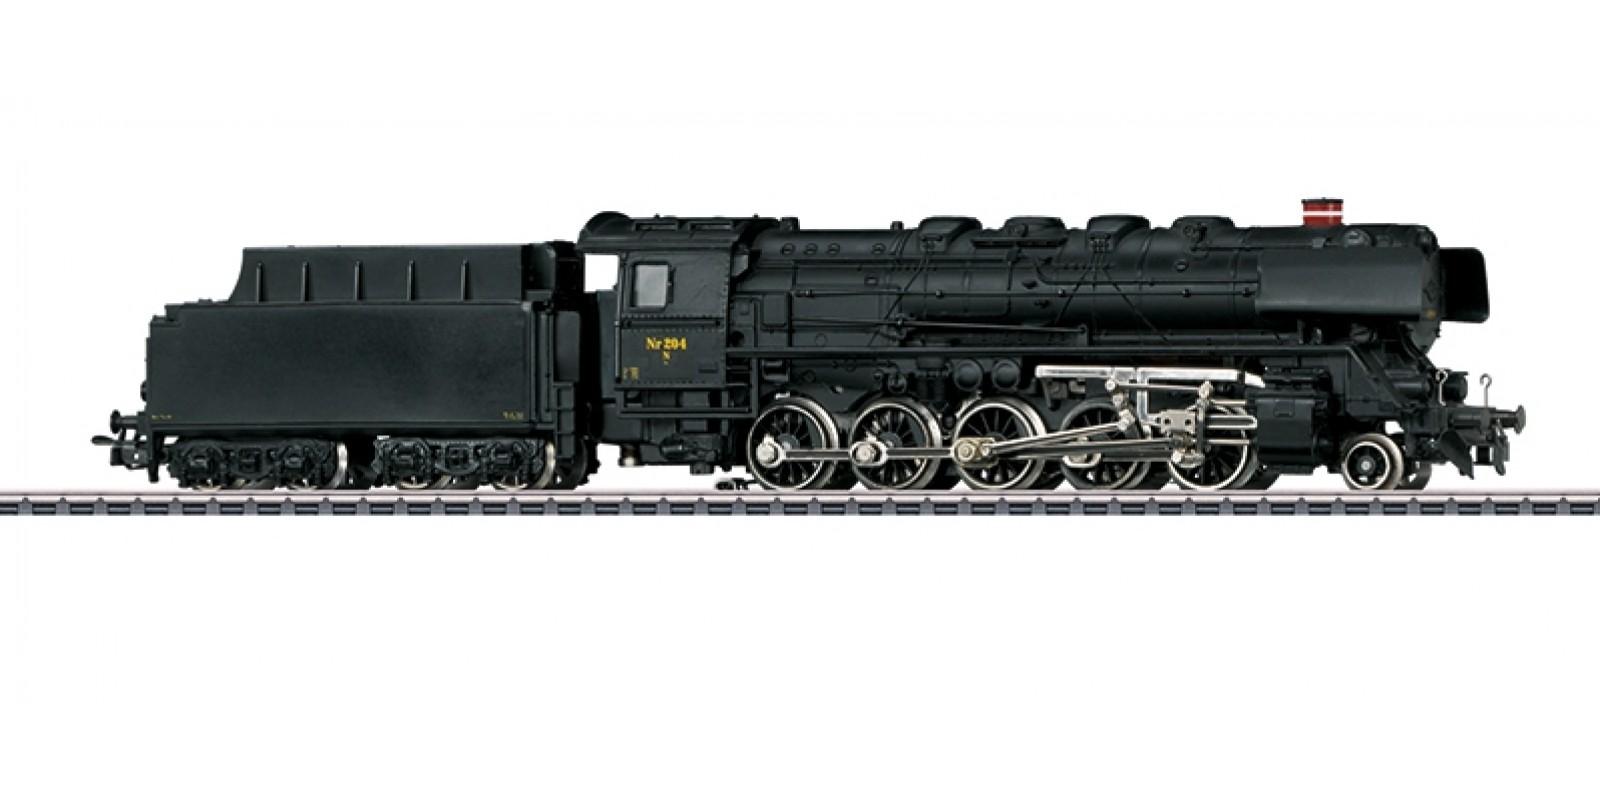 030470_02 Danish State Railways (DSB) class Litra N